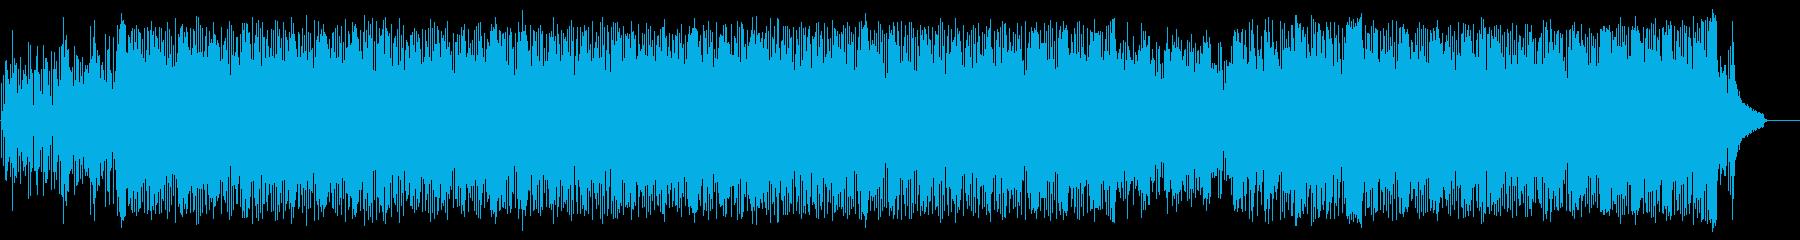 深夜ドラマ風シリアスなテクノポップの再生済みの波形